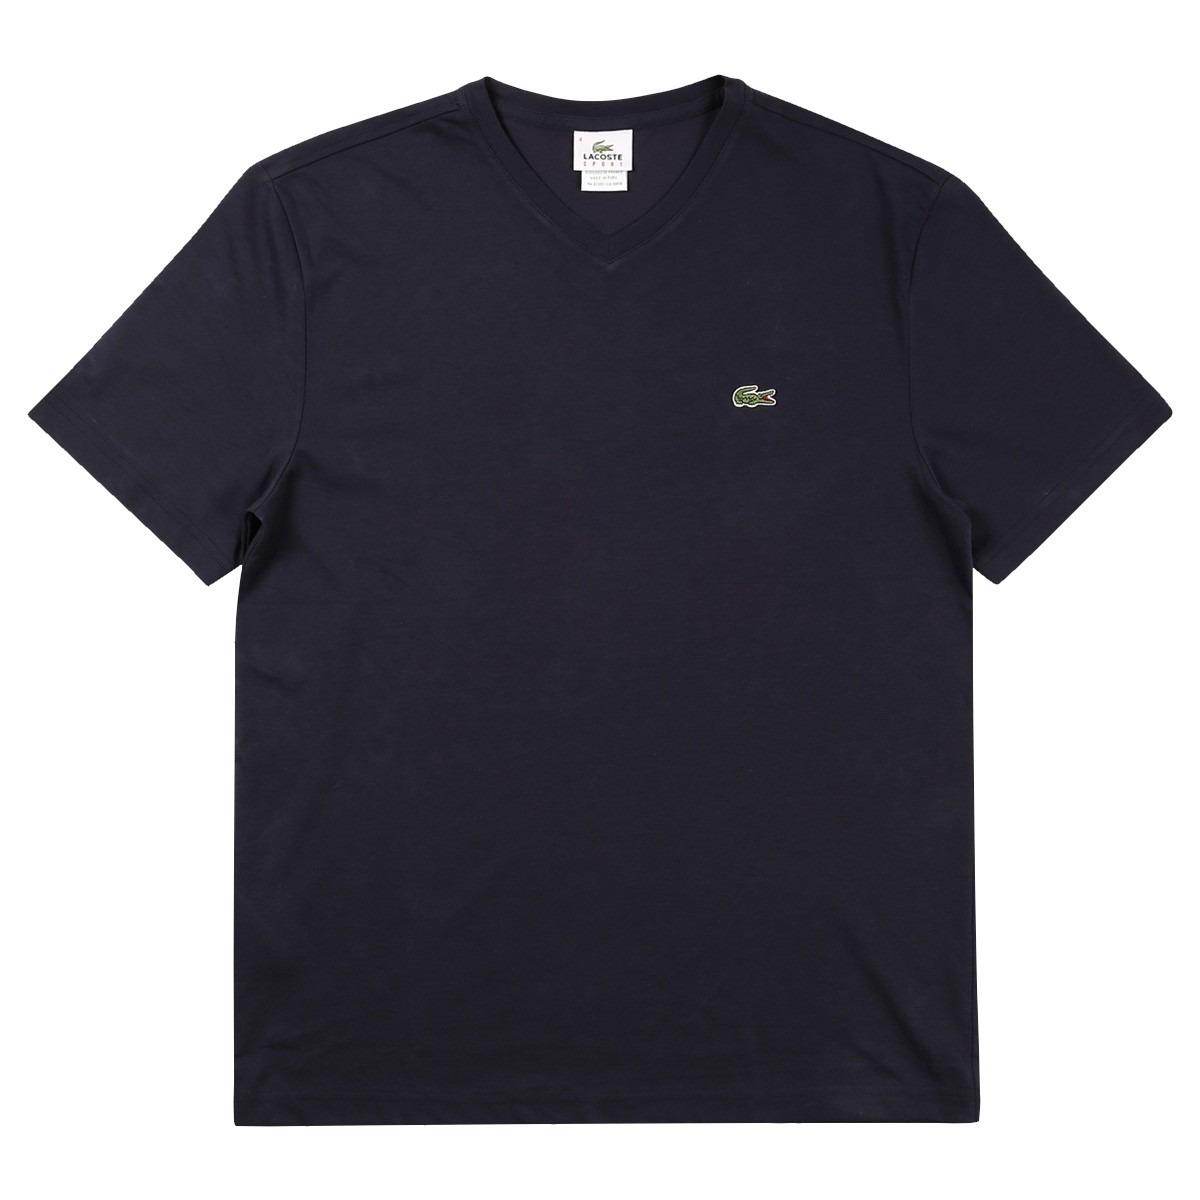 e45b4dc3f8d1a camiseta lacoste gola v masculina th237621 original. Carregando zoom.